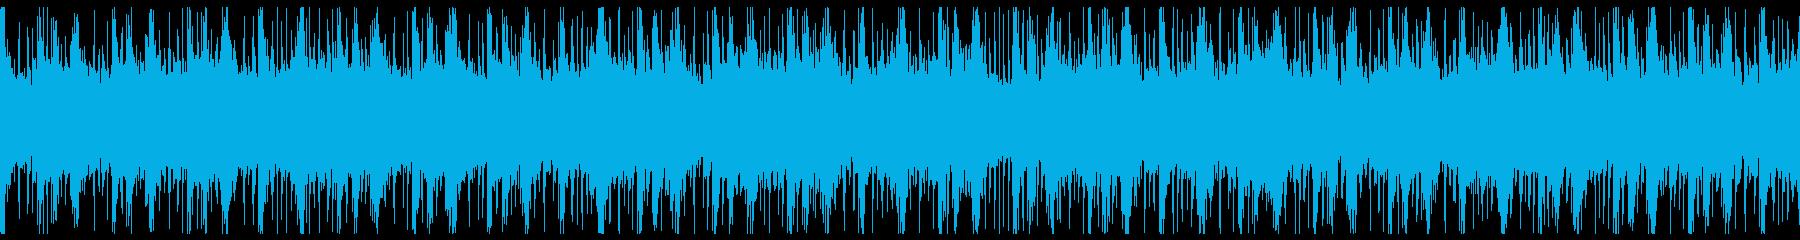 敵基地・陣地に潜入する時のBGMver4の再生済みの波形